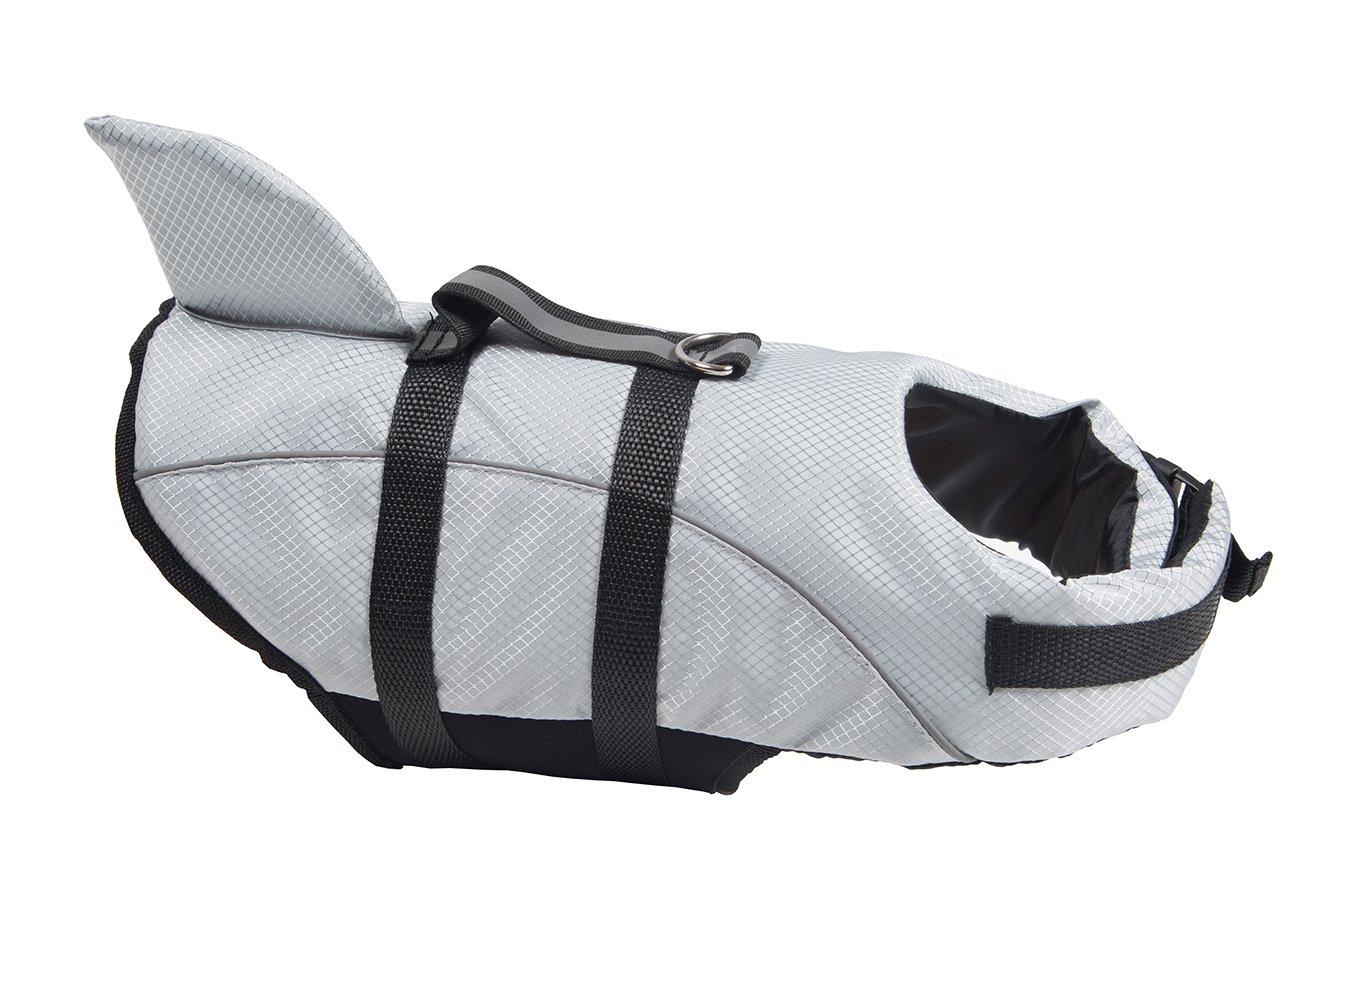 Miniwild Dog Reflective Life Jacket Shark Style Swimming Vest with Adjustable Belts (M, Grey)